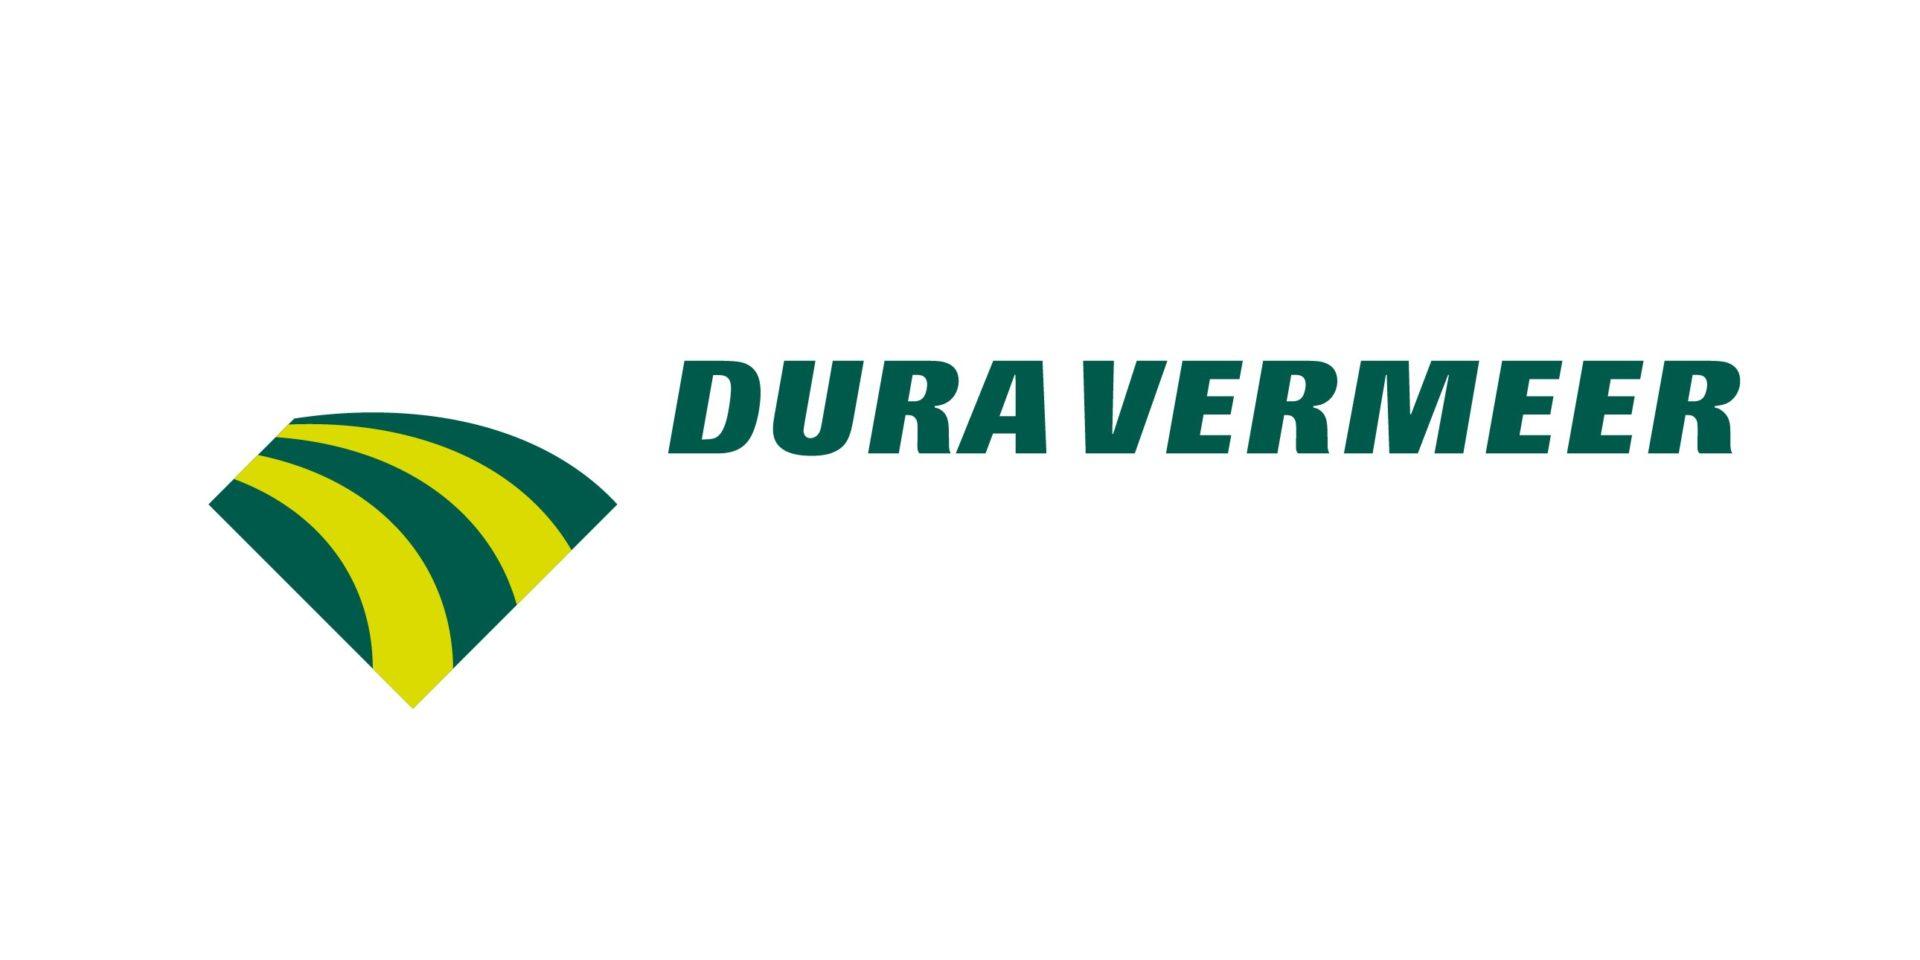 Dure vermeer - 6 Box Media